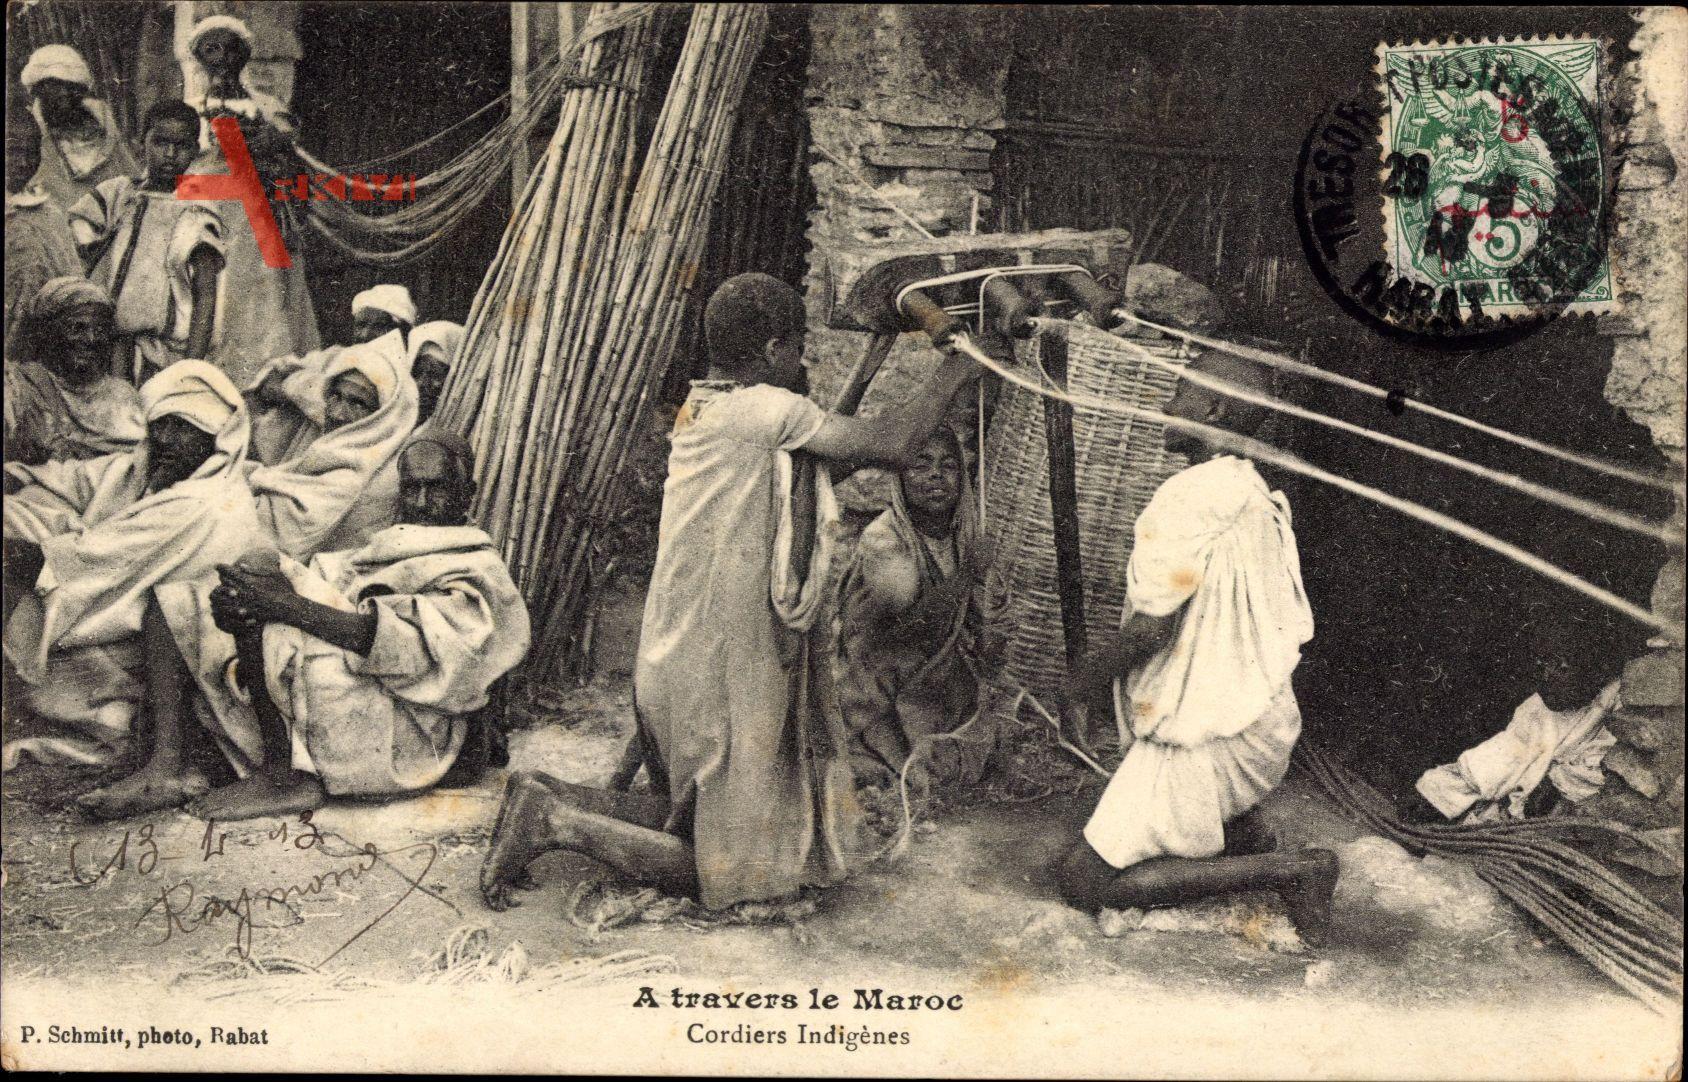 Marokko, A travers le Maroc, Cordiers indigènes, Seiler bei der Arbeit